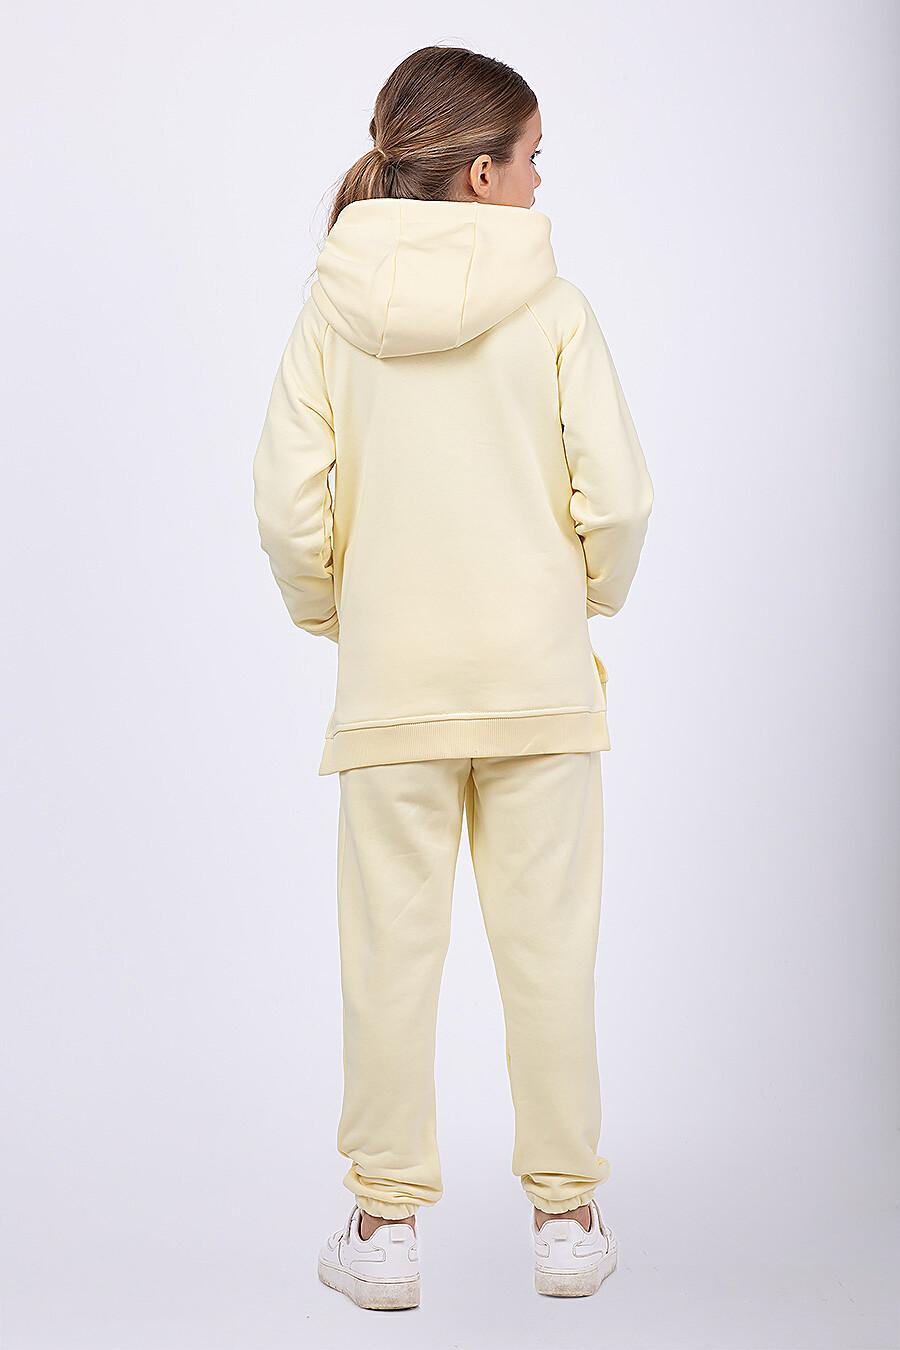 Брюки для девочек EZANNA 682654 купить оптом от производителя. Совместная покупка детской одежды в OptMoyo